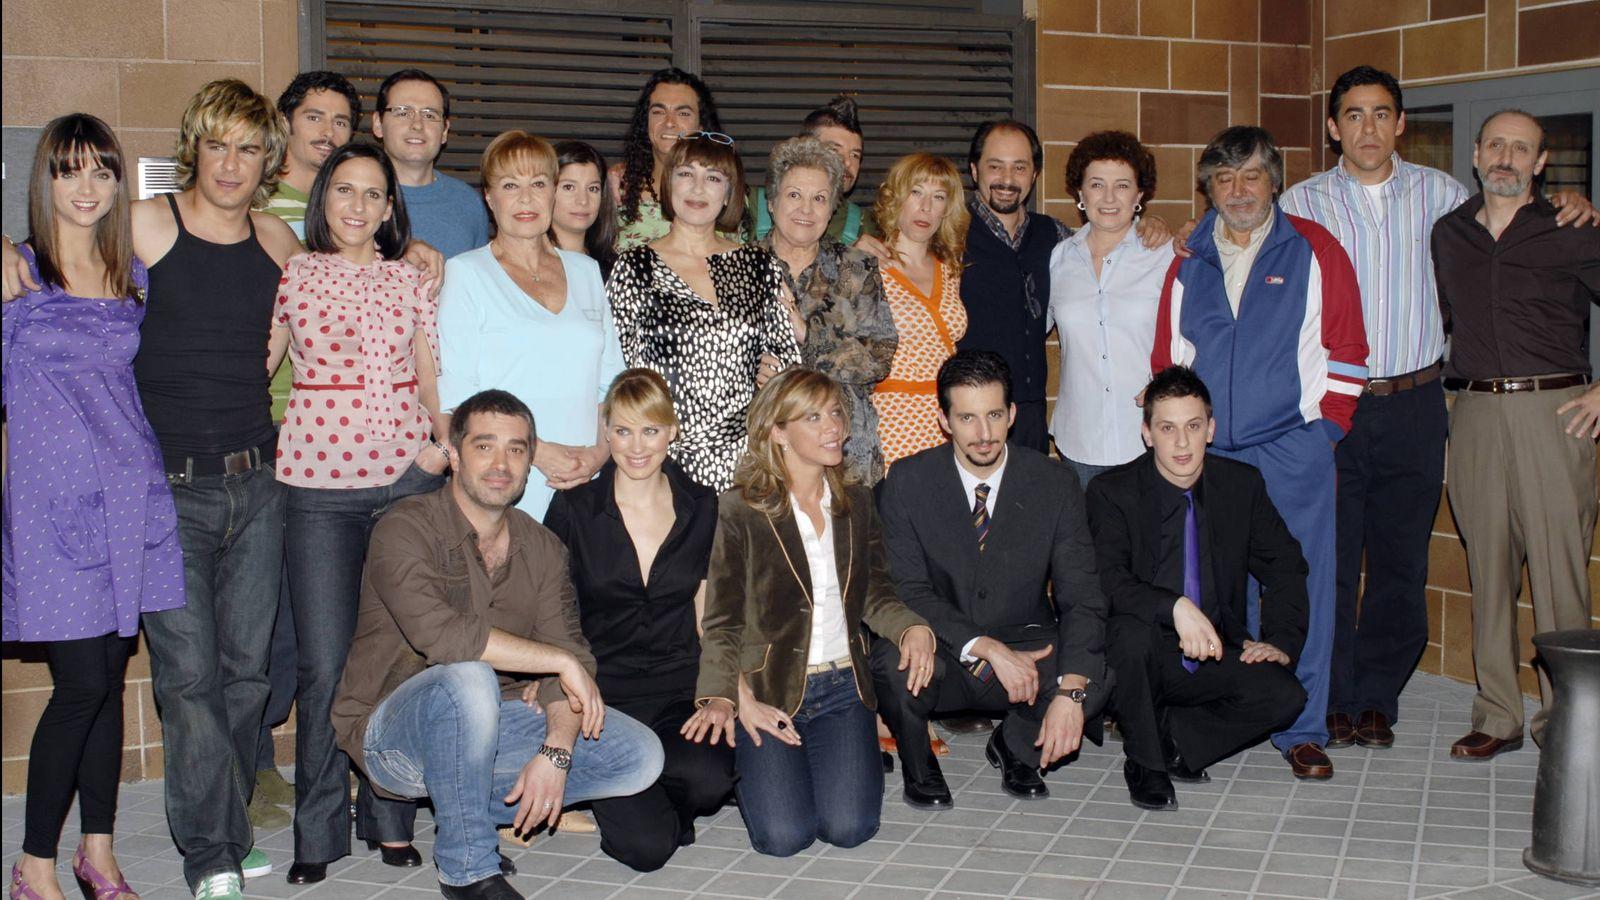 Foto: El reparto de la primera temporada de 'La que se avecina'. (Gtres)